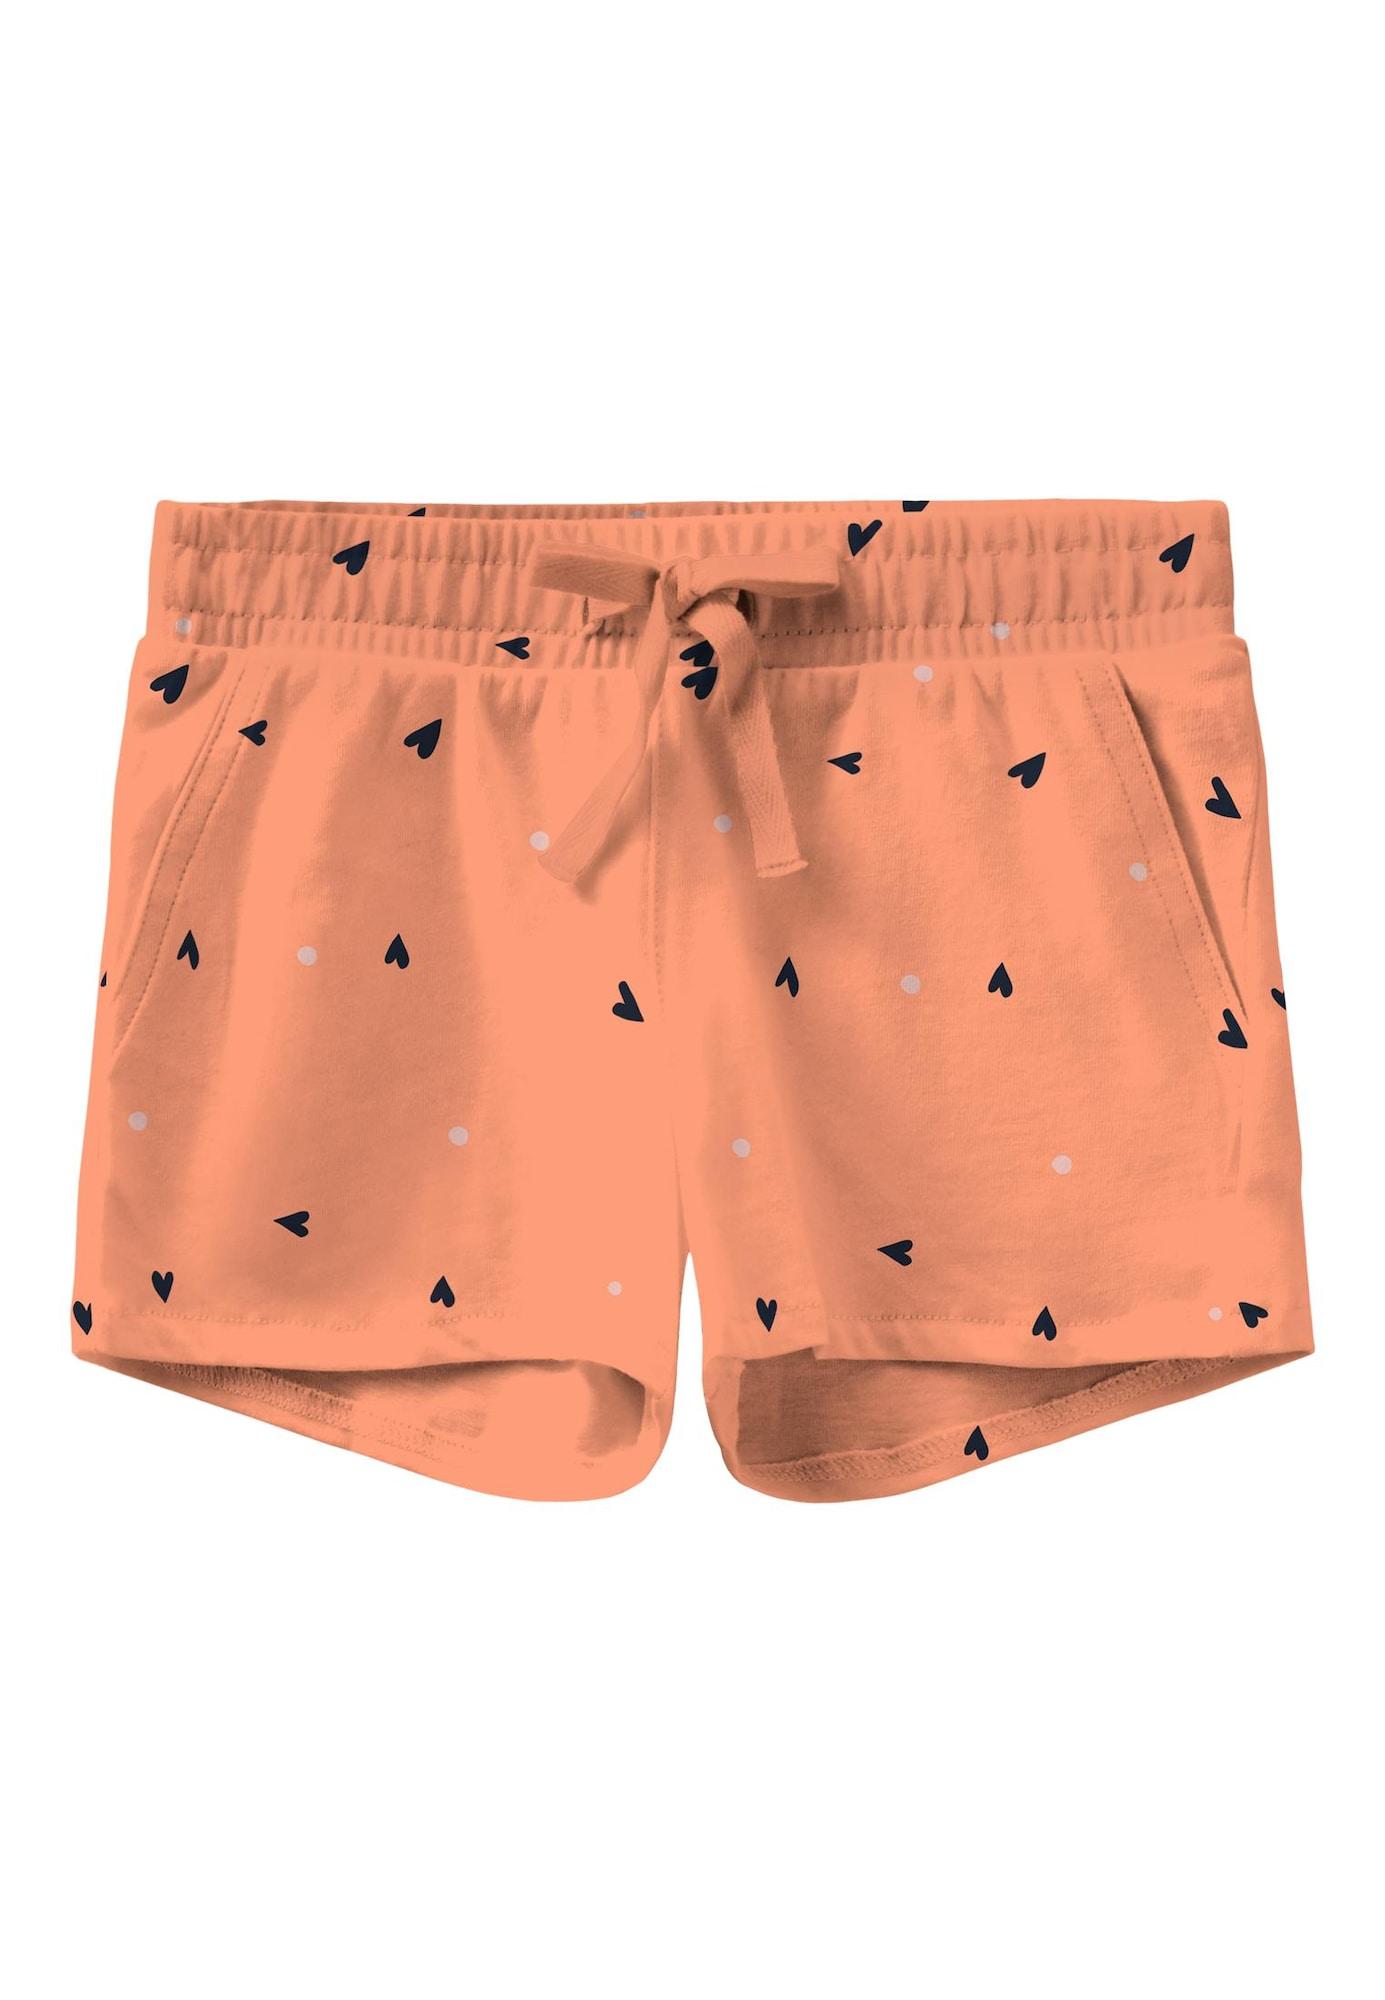 NAME IT Kalhoty 'Vigga'  mandarinkoná / noční modrá / barva vaječné skořápky